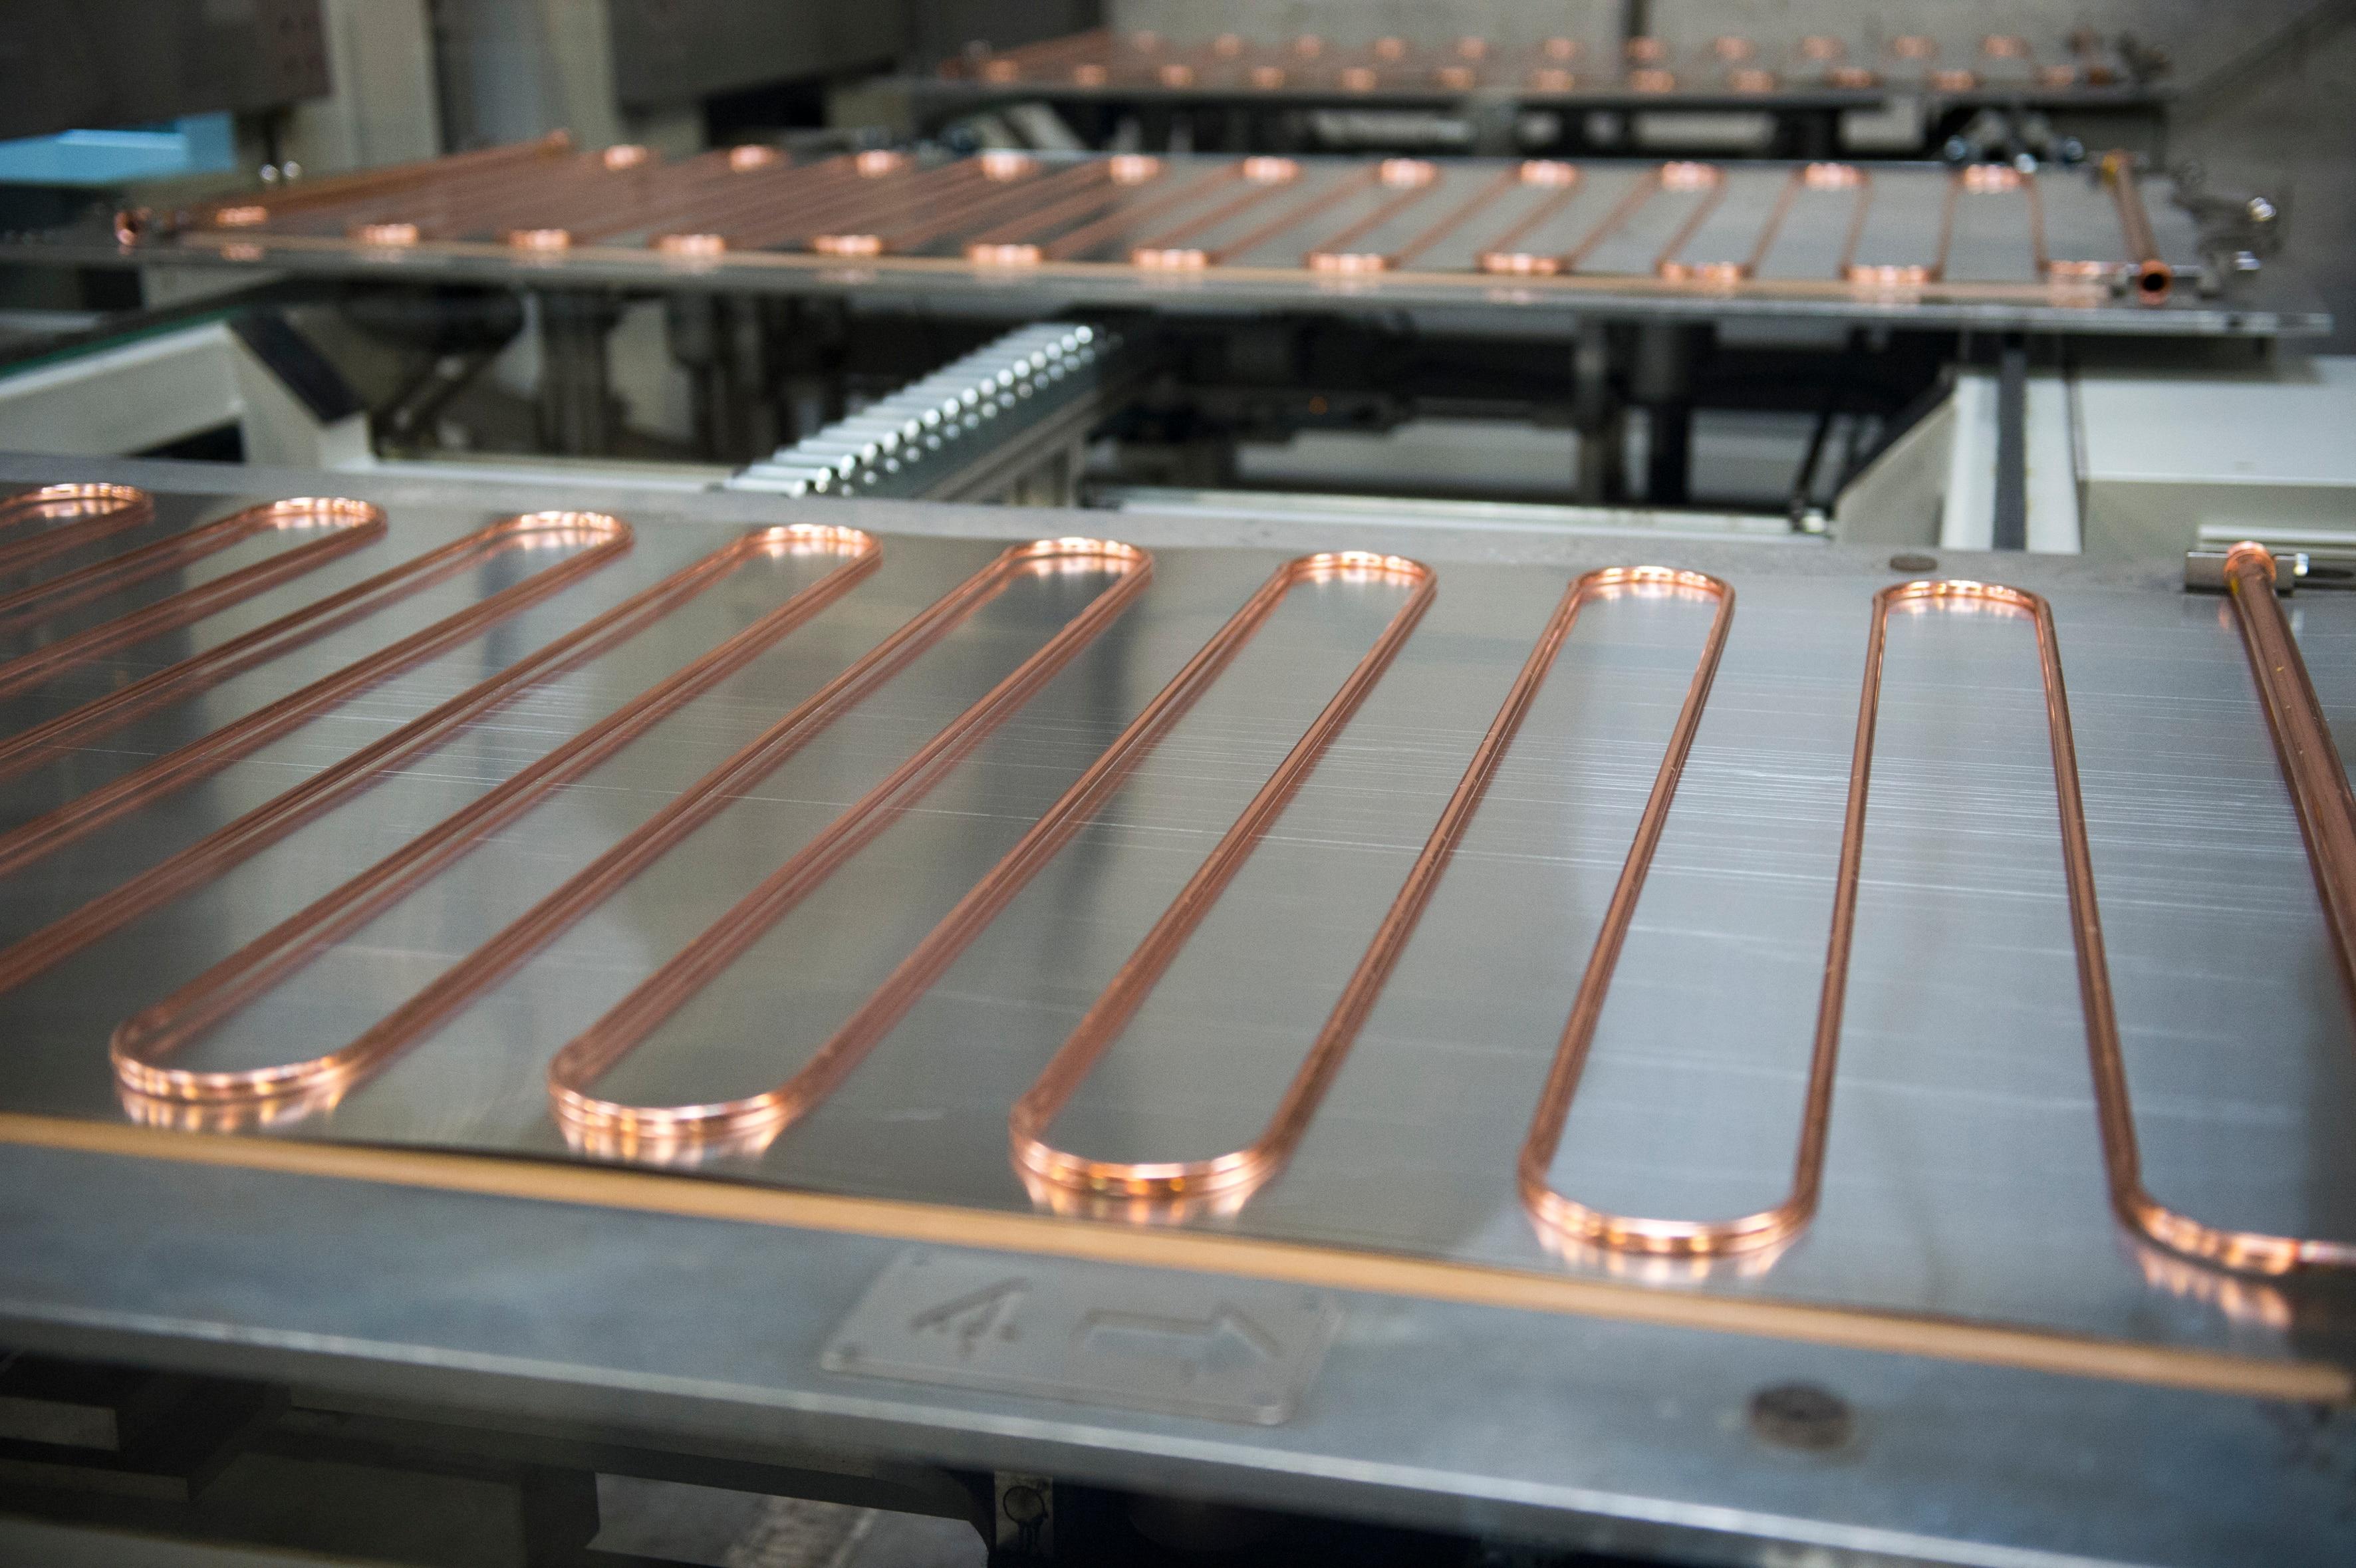 Pannello Solare Termico Viessmann : Dove nascono i pannelli solari termici viessmann